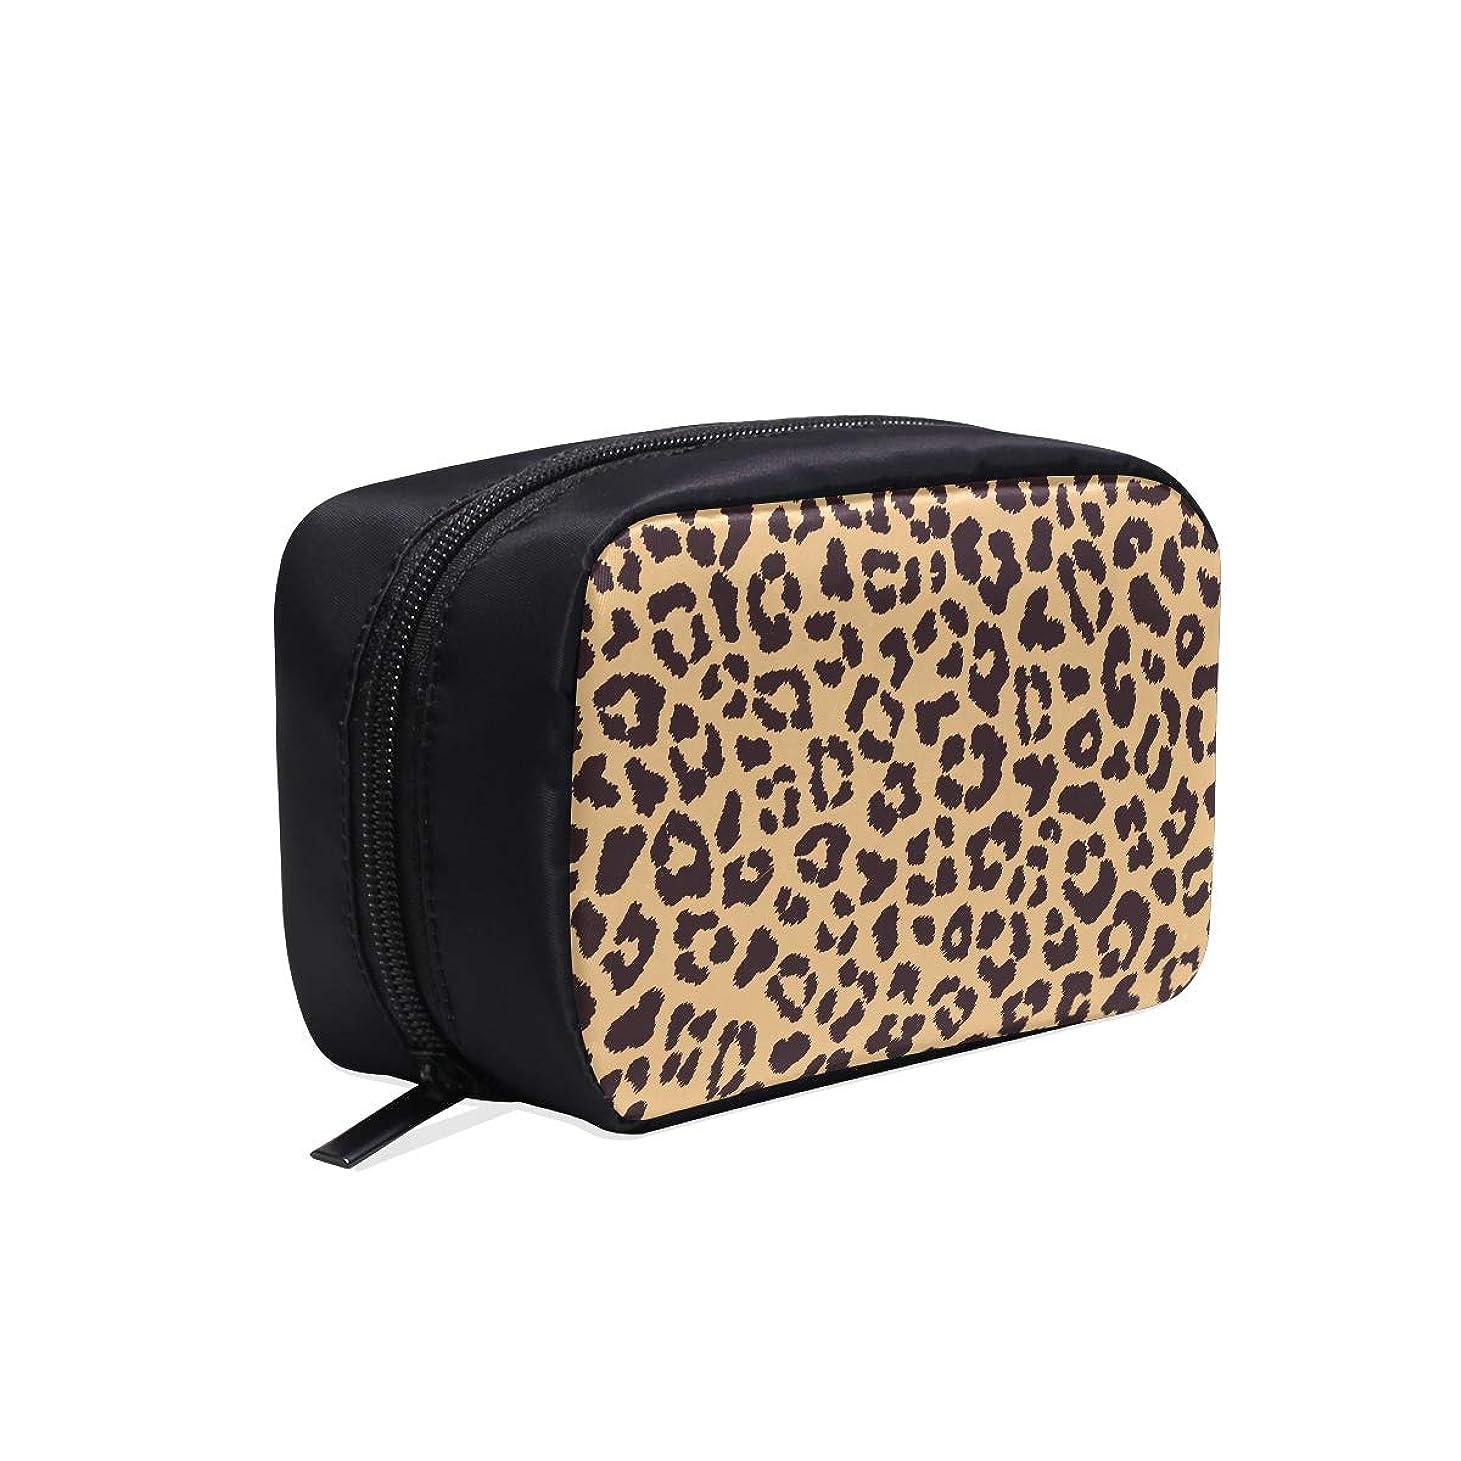 観点彼女のブラザーXHQZJ メイクポーチ 魅力的なヒョウ柄 ボックス コスメ収納 化粧品収納ケース 大容量 収納 化粧品入れ 化粧バッグ 旅行用 メイクブラシバッグ 化粧箱 持ち運び便利 プロ用